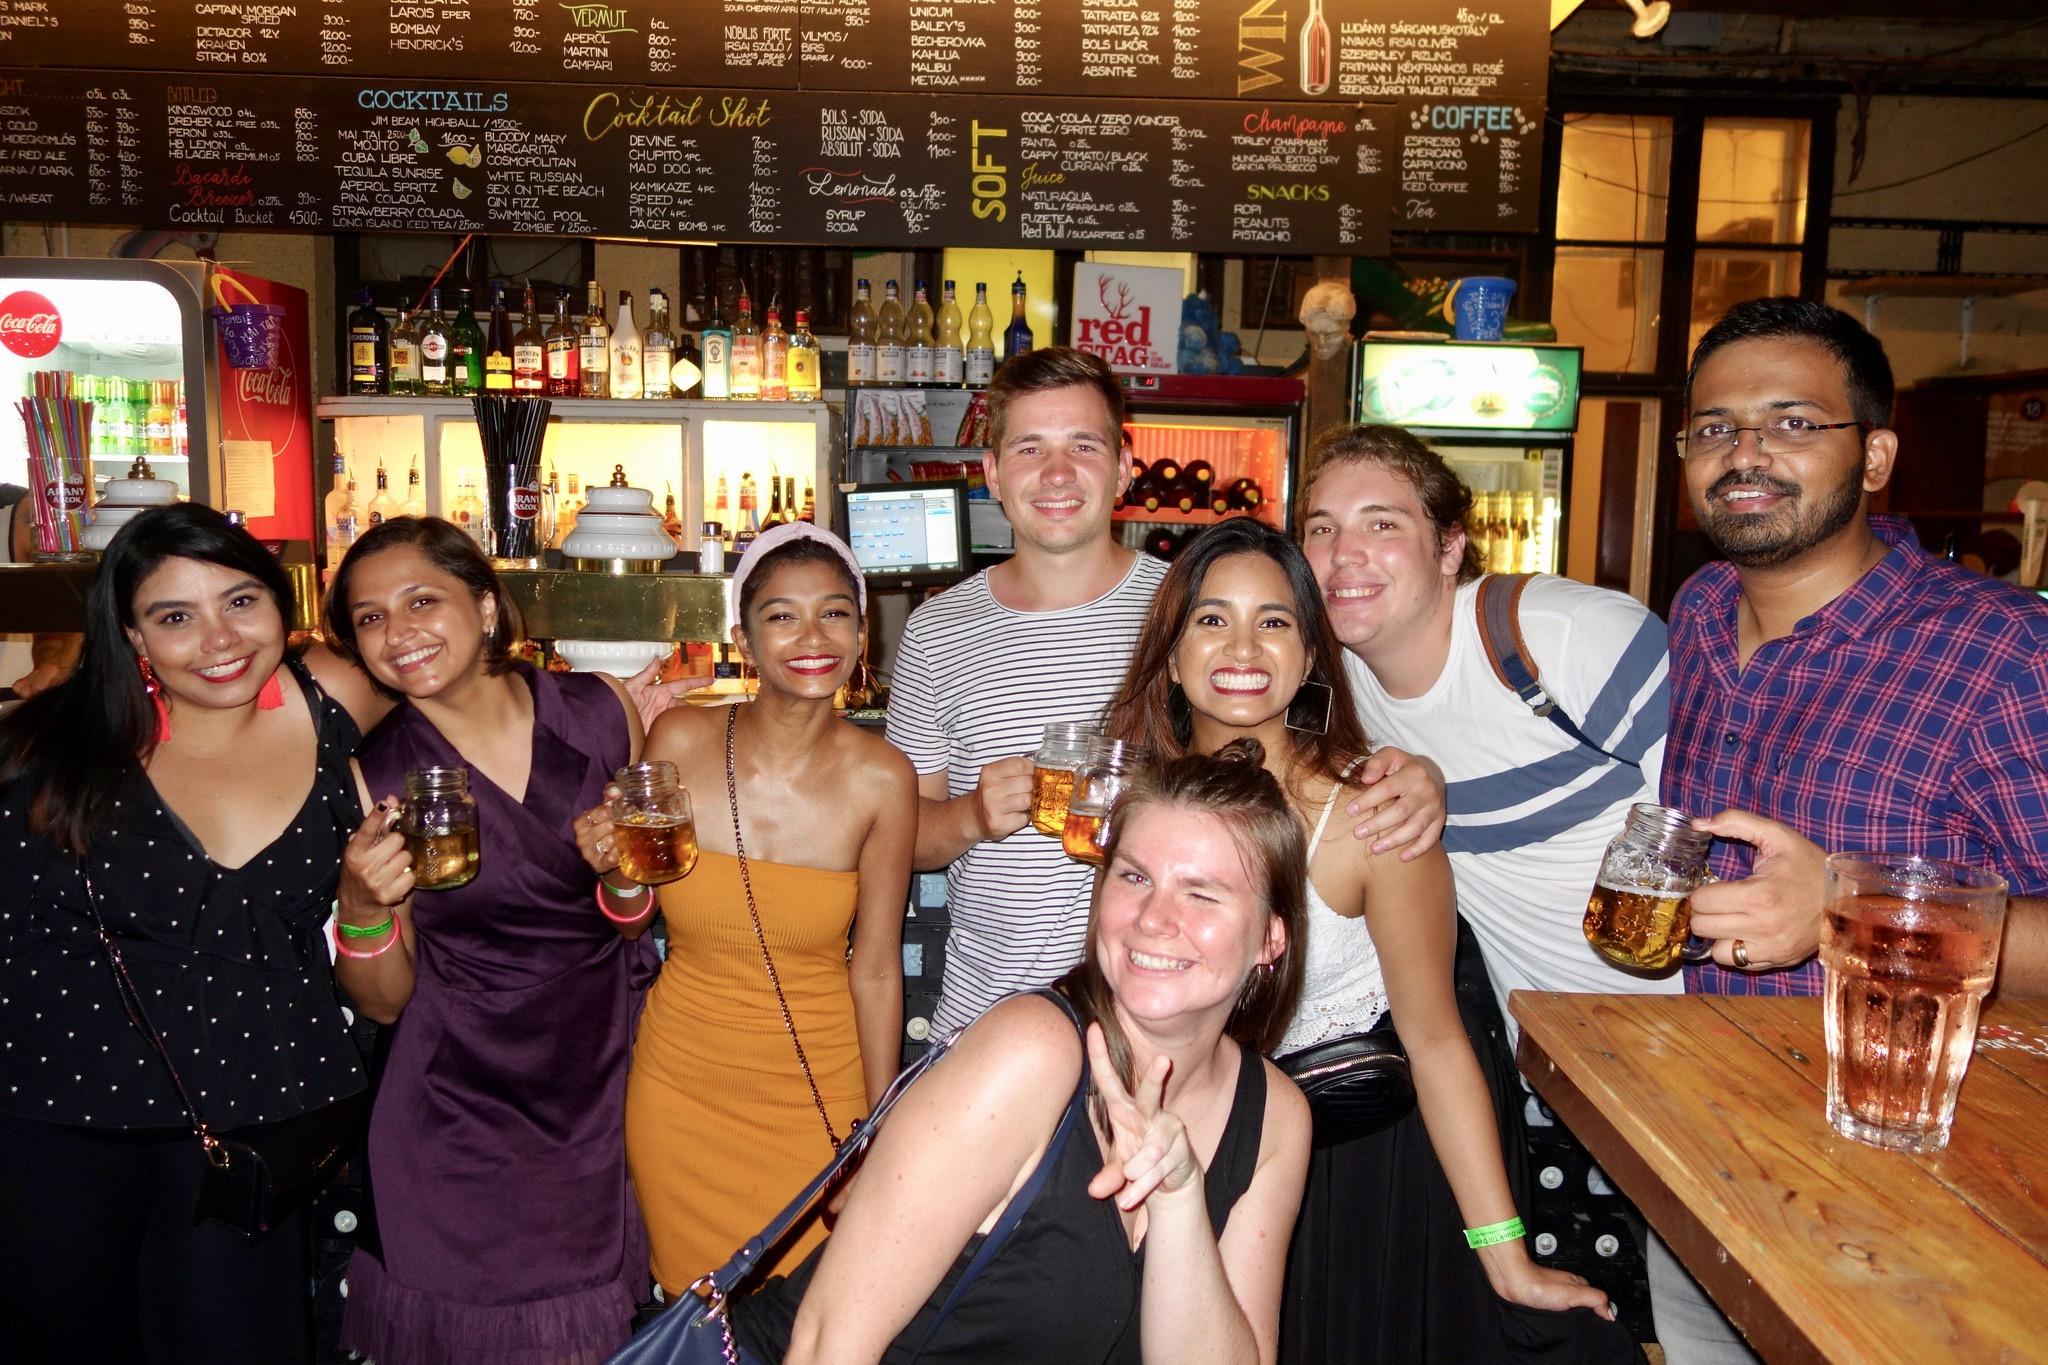 Grupo de jóvenes de diferentes nacionalidades que se diviertende marcha por los pubs.